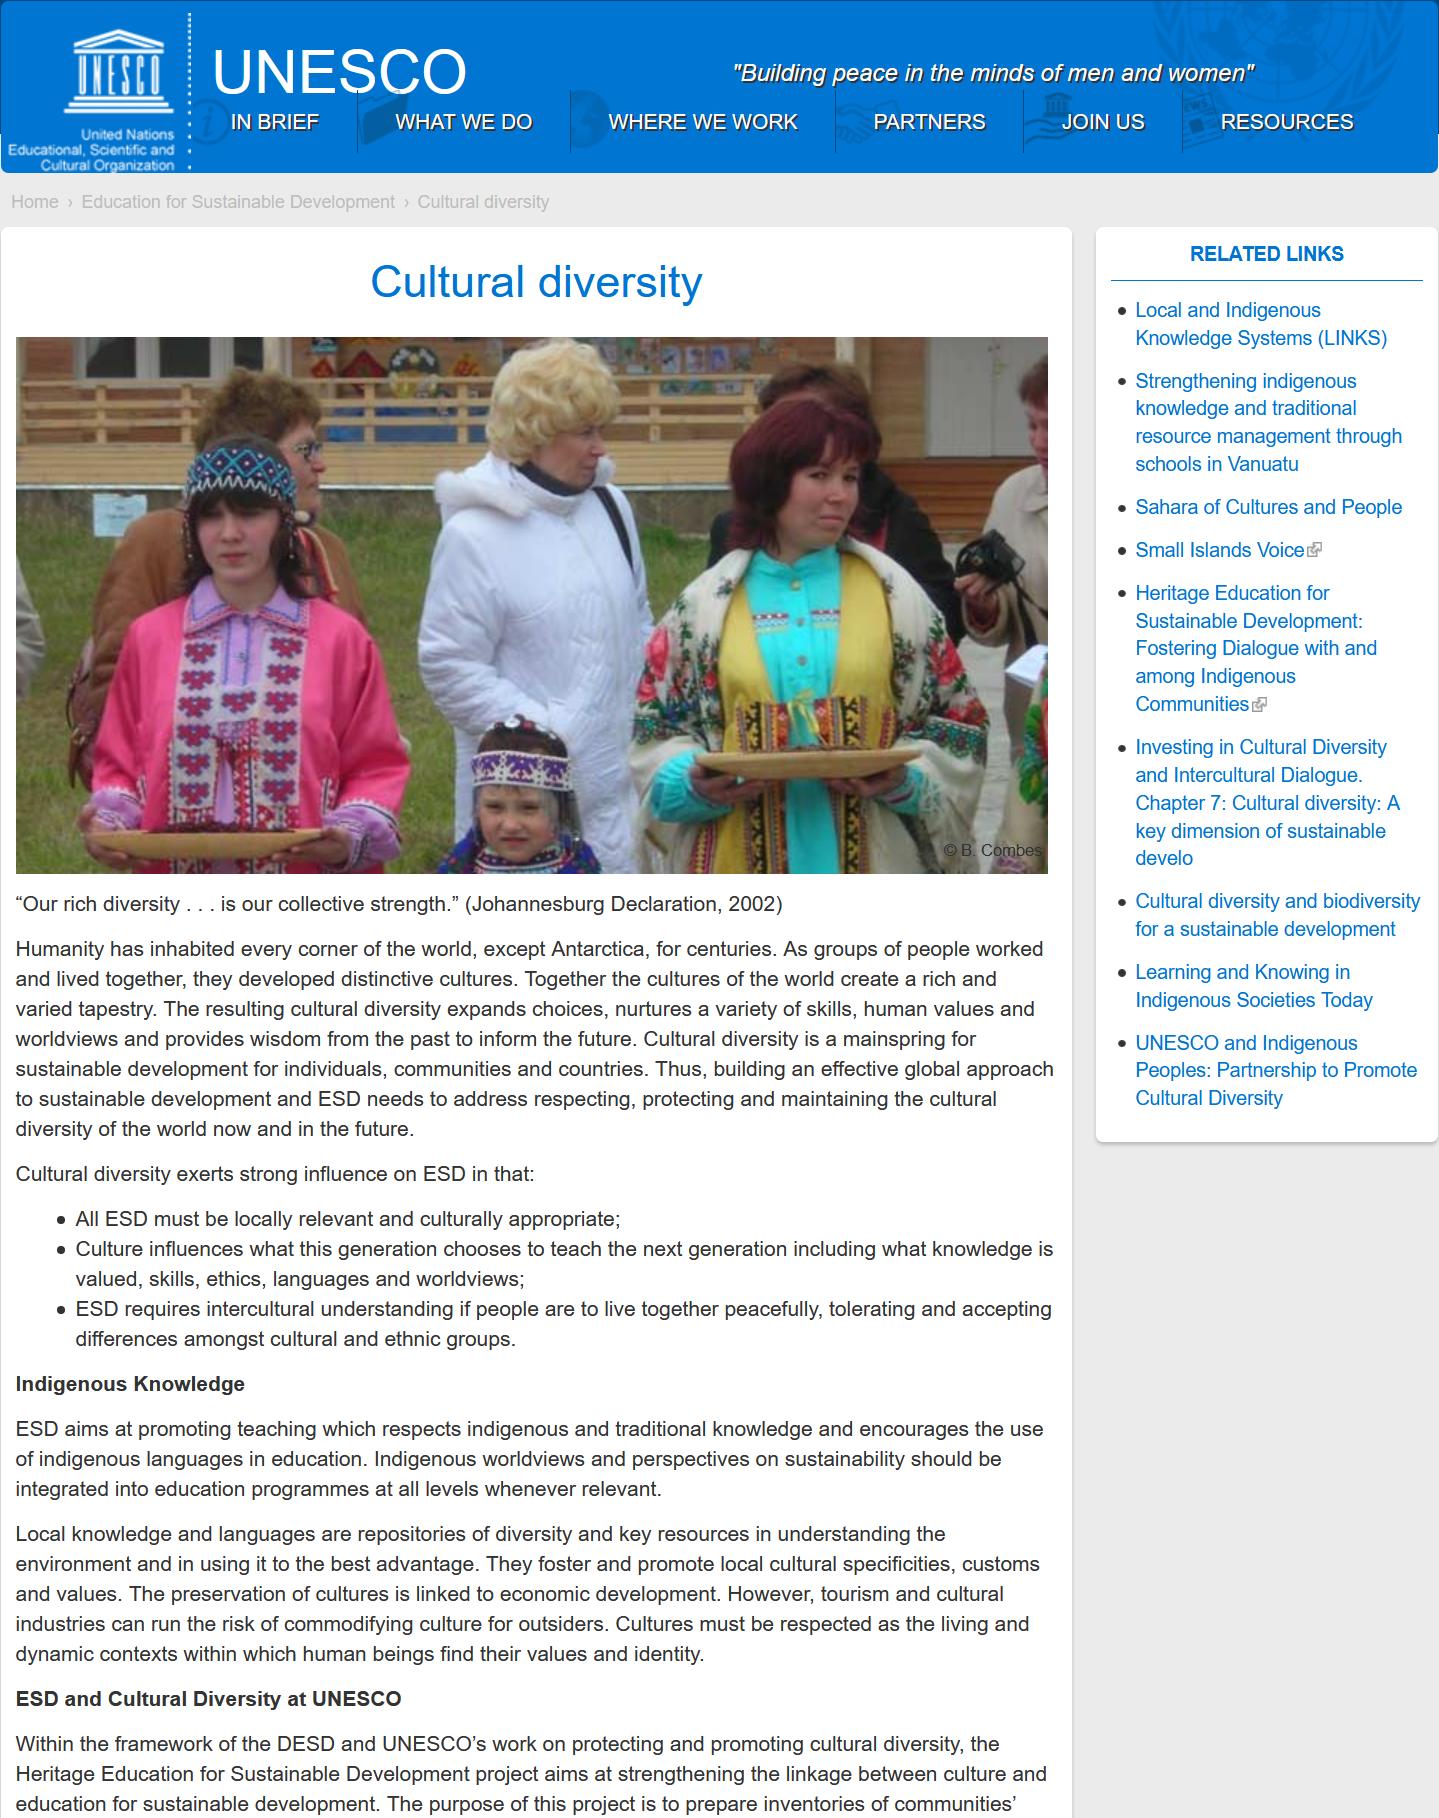 unesco -  cultural diversity UNESCO –  Cultural diversity UNESCO Cultural diversity capa